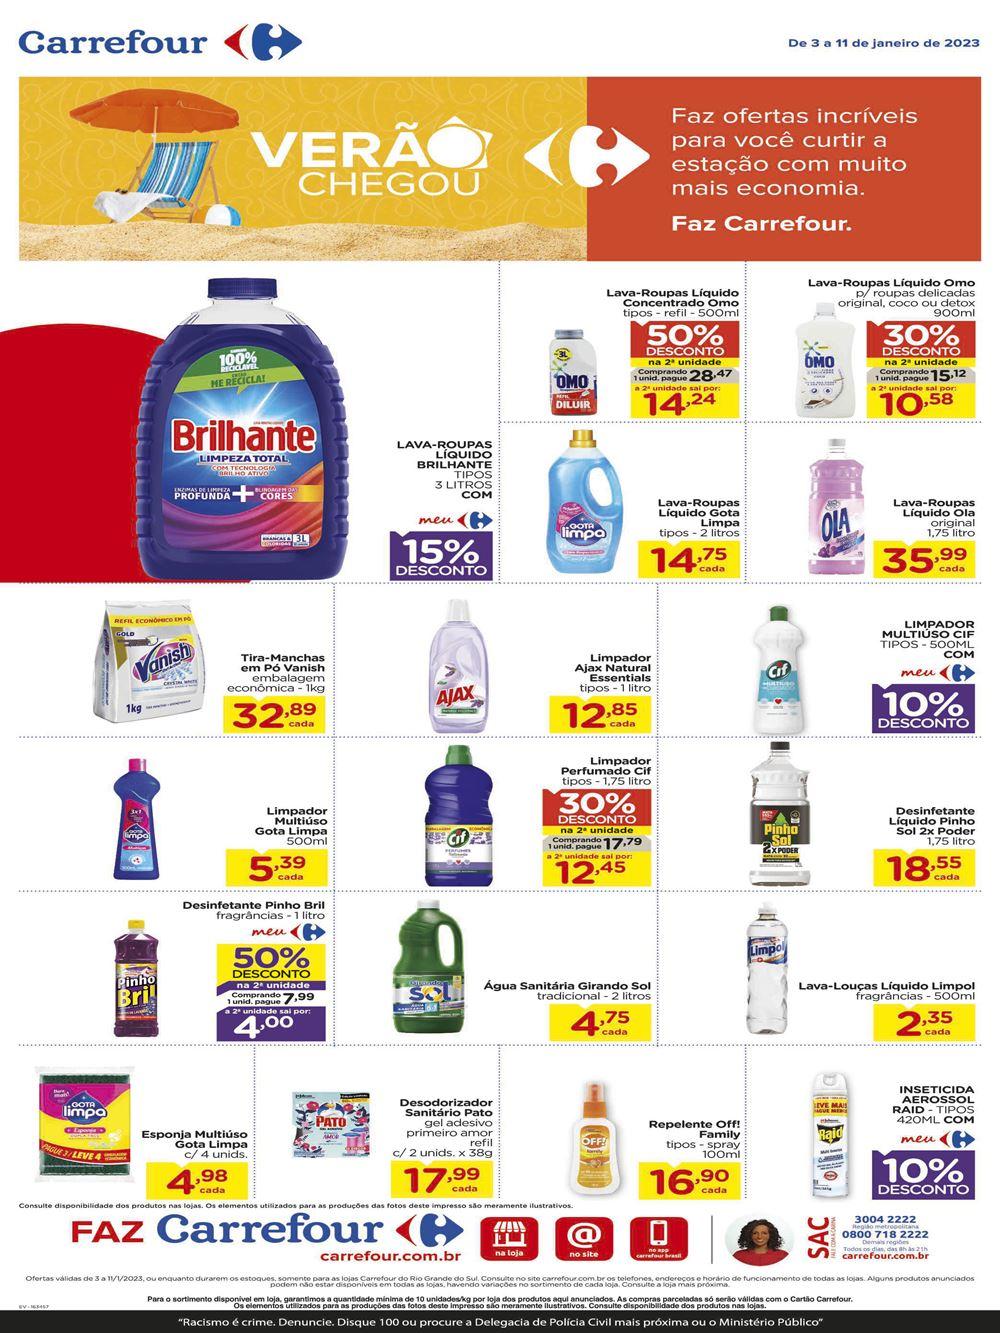 carrefour-ofertas-descontos-hoje122-12 Carrefour Tabloide Recife até 29/07